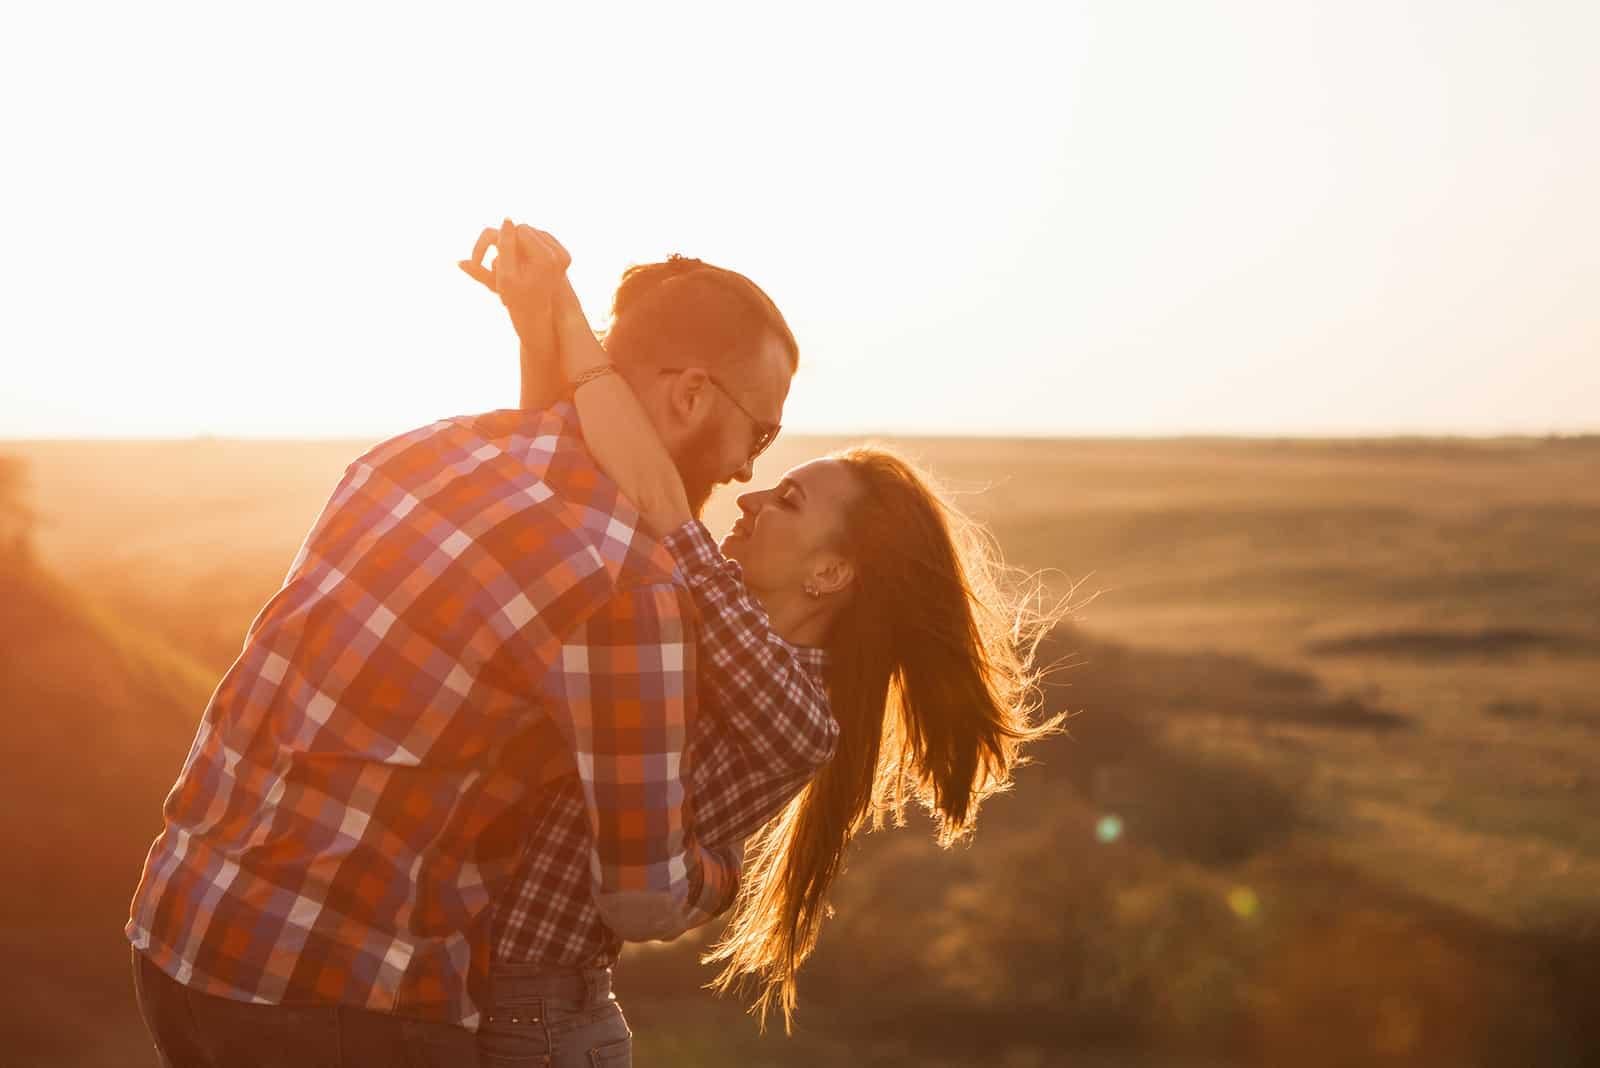 l'homme embrasse la femme sur le terrain et rit